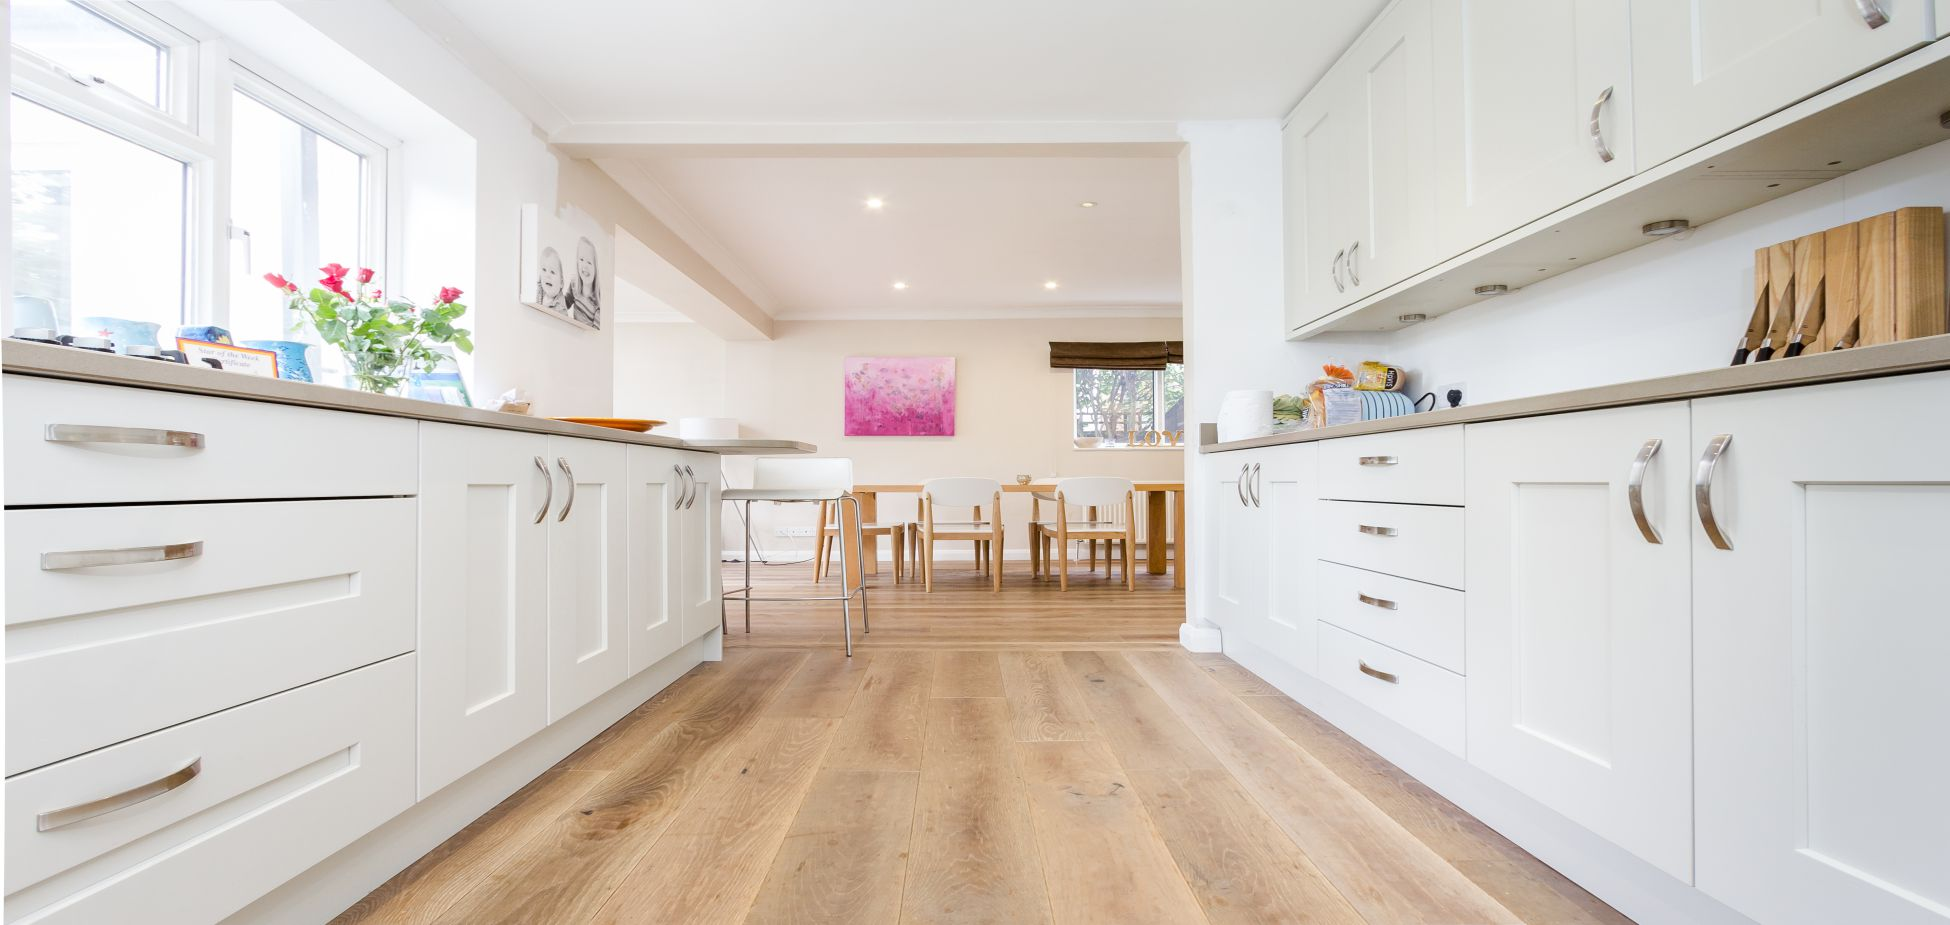 طراحی و ساخت انواع کابینت آشپزخانه